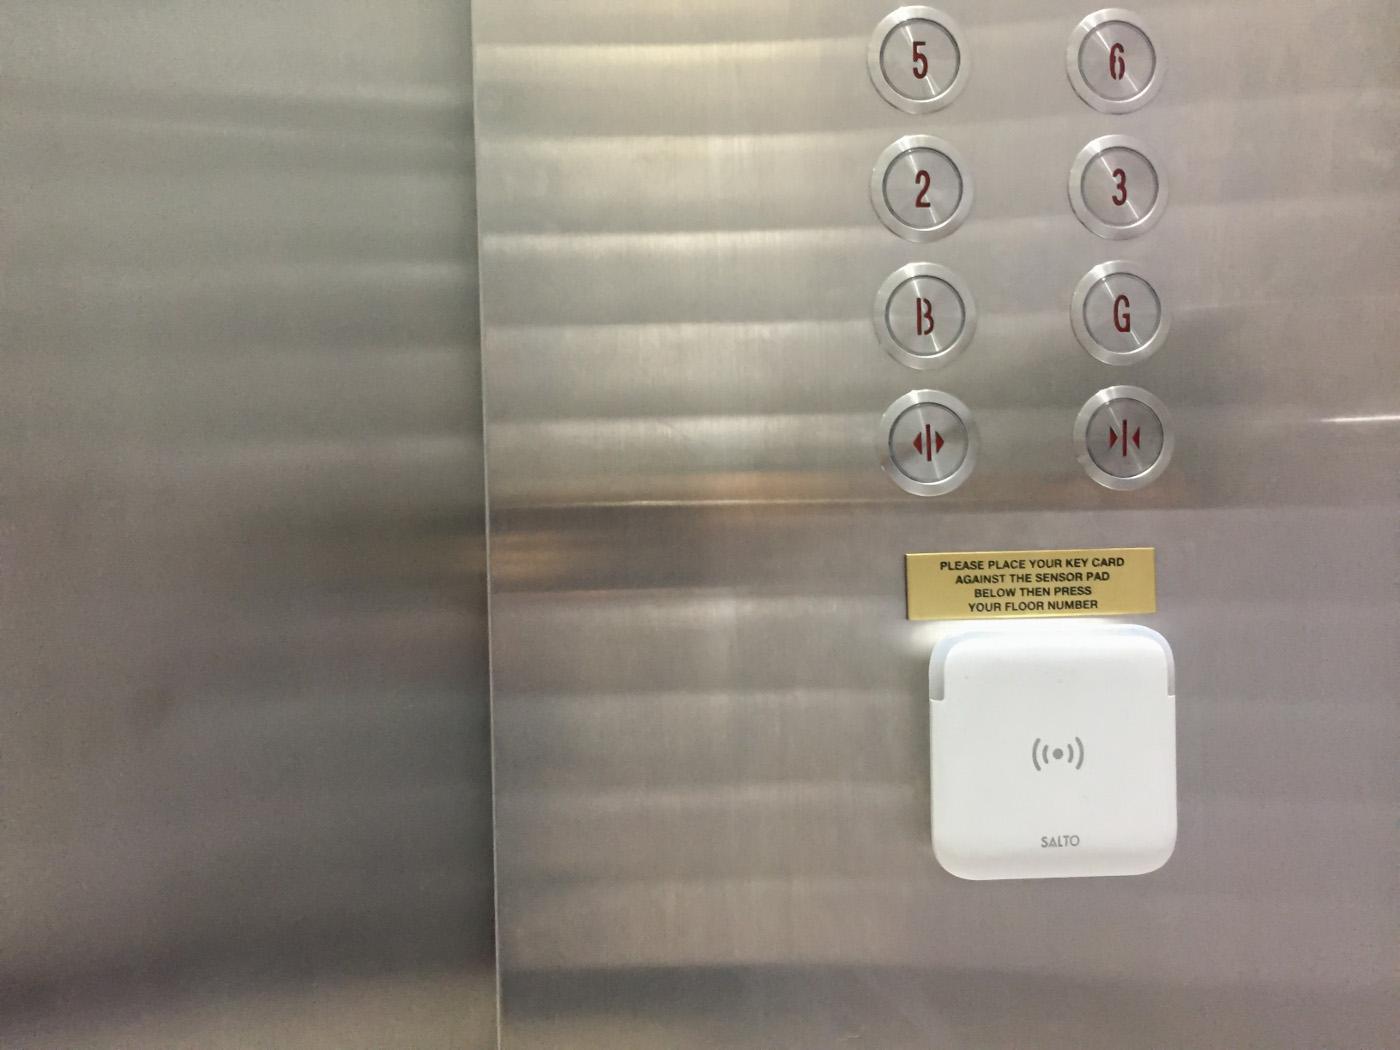 バイホテルのエレベーター内の写真